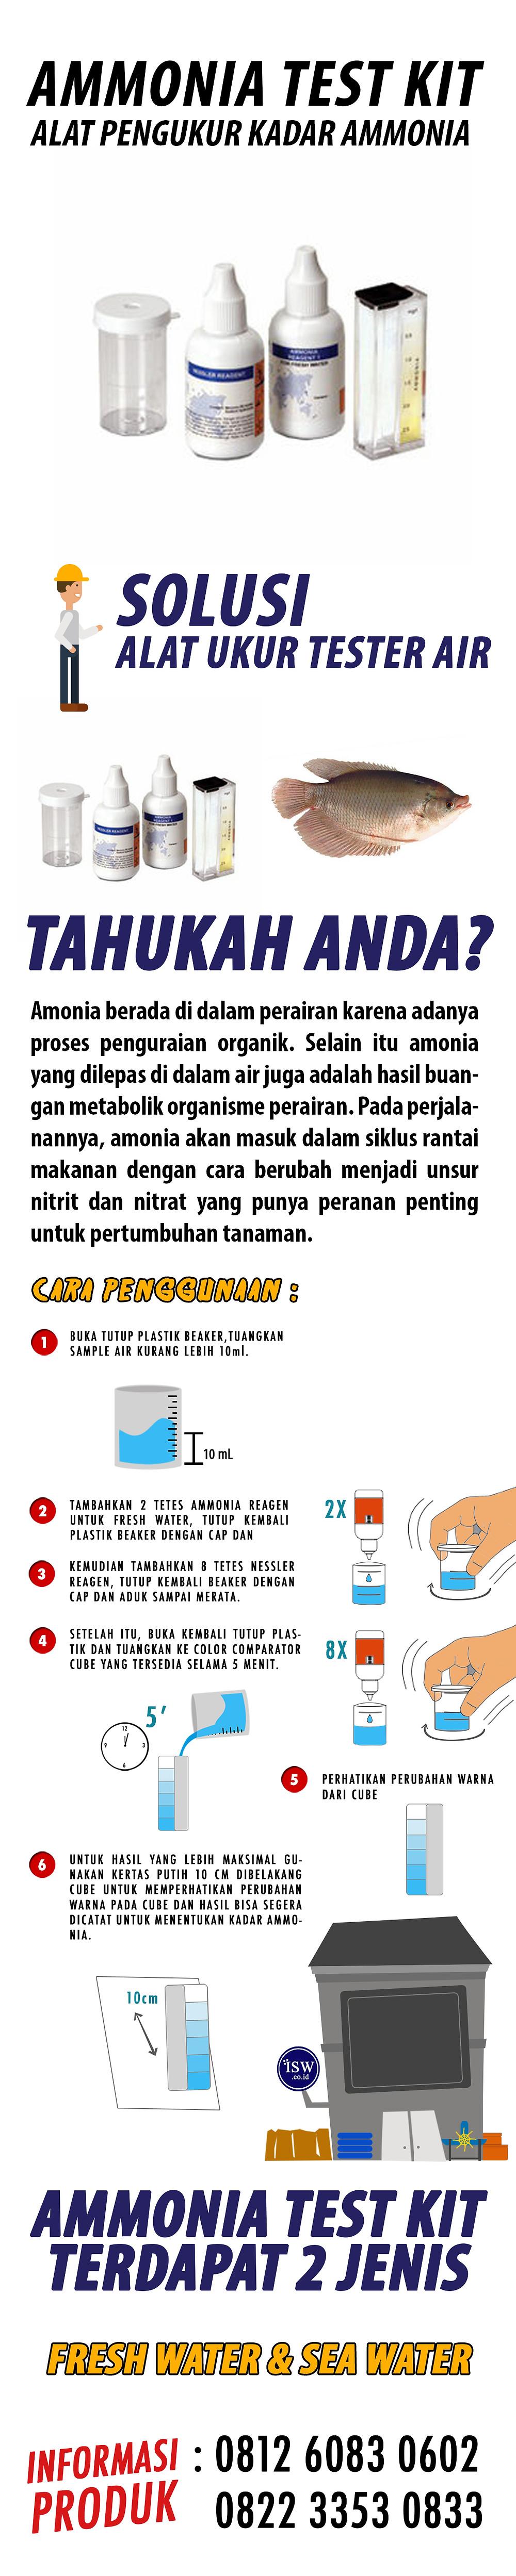 jual Ammonia Test Kit